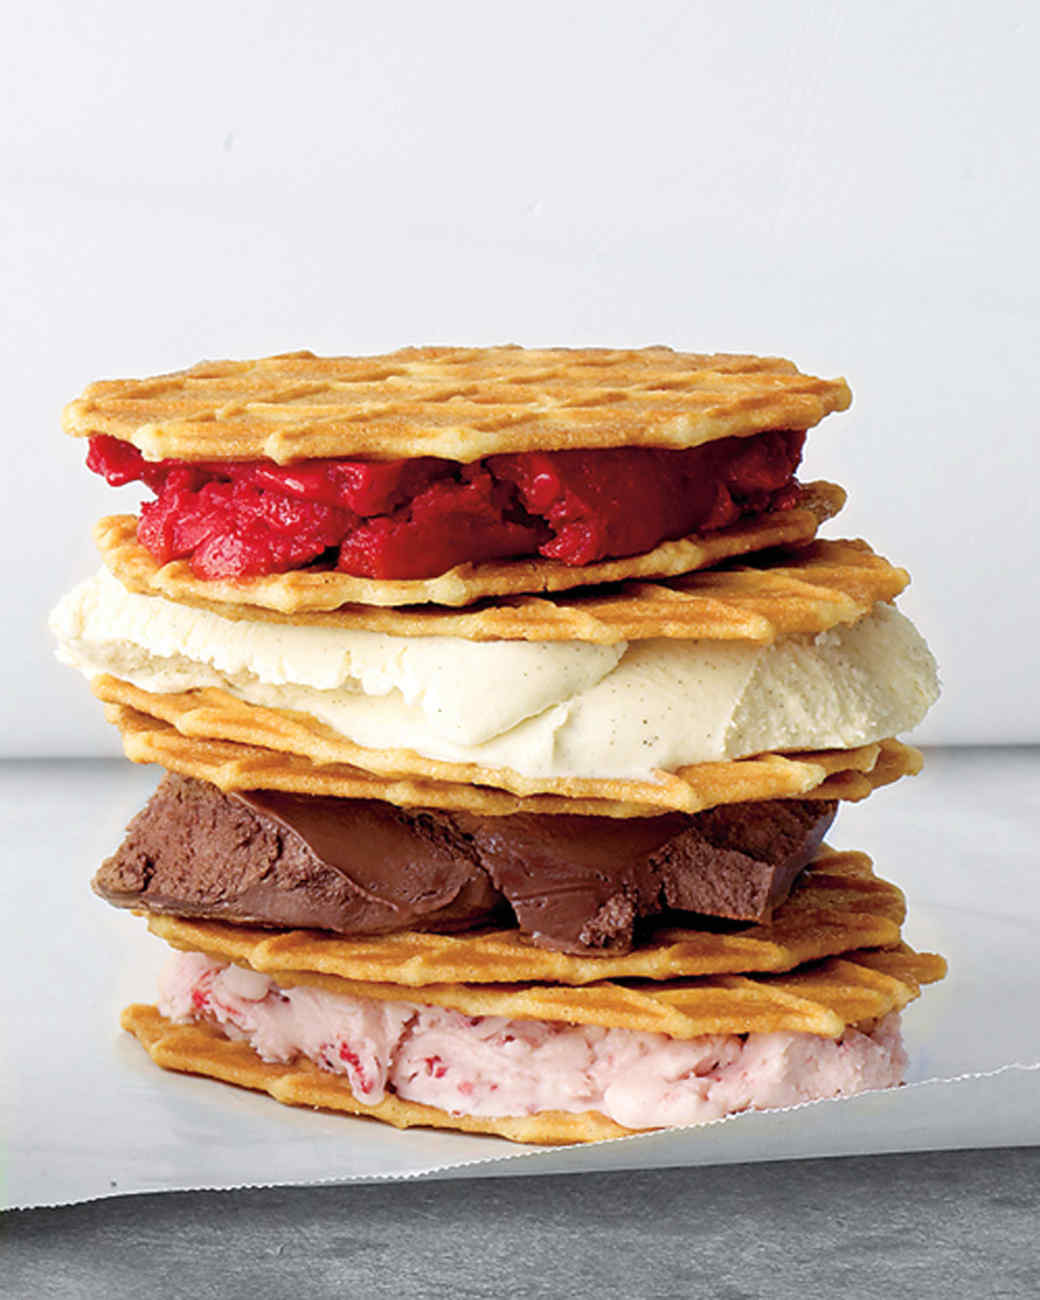 med105604_0610_waffle_sandwich.jpg